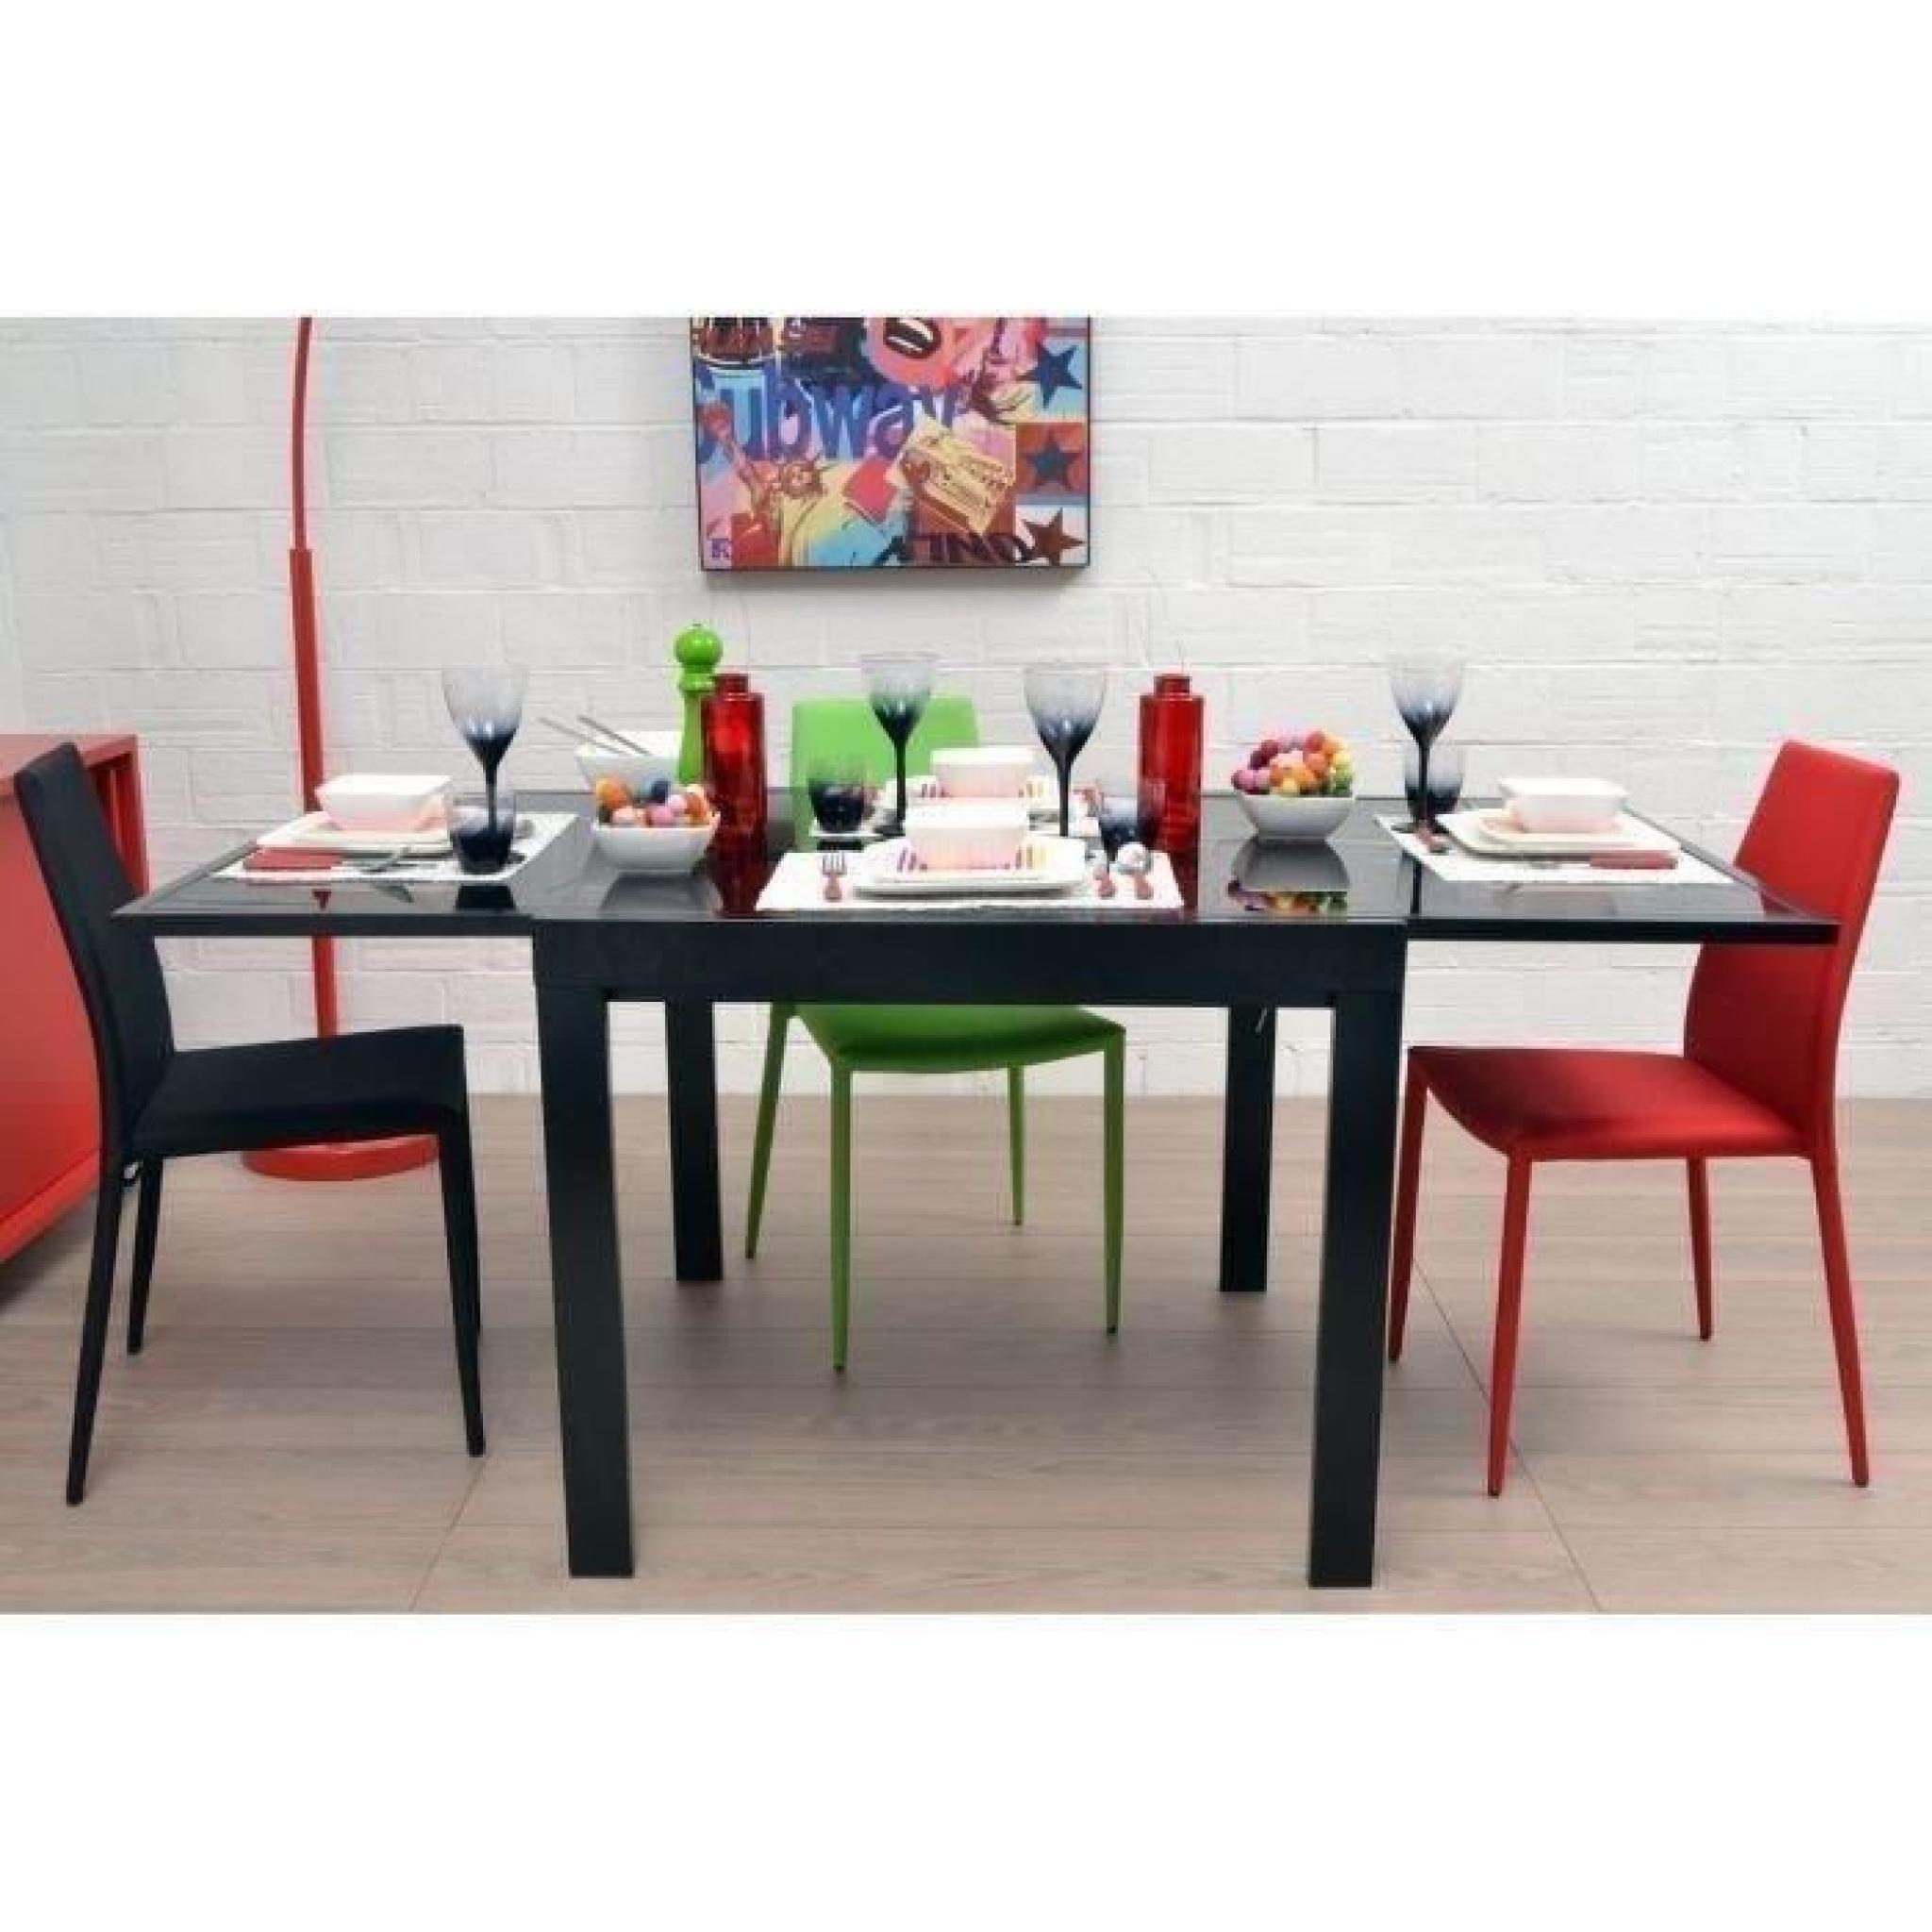 Table Salle A Manger Extensible Noire : Exit table extensible noire cm en verre achat